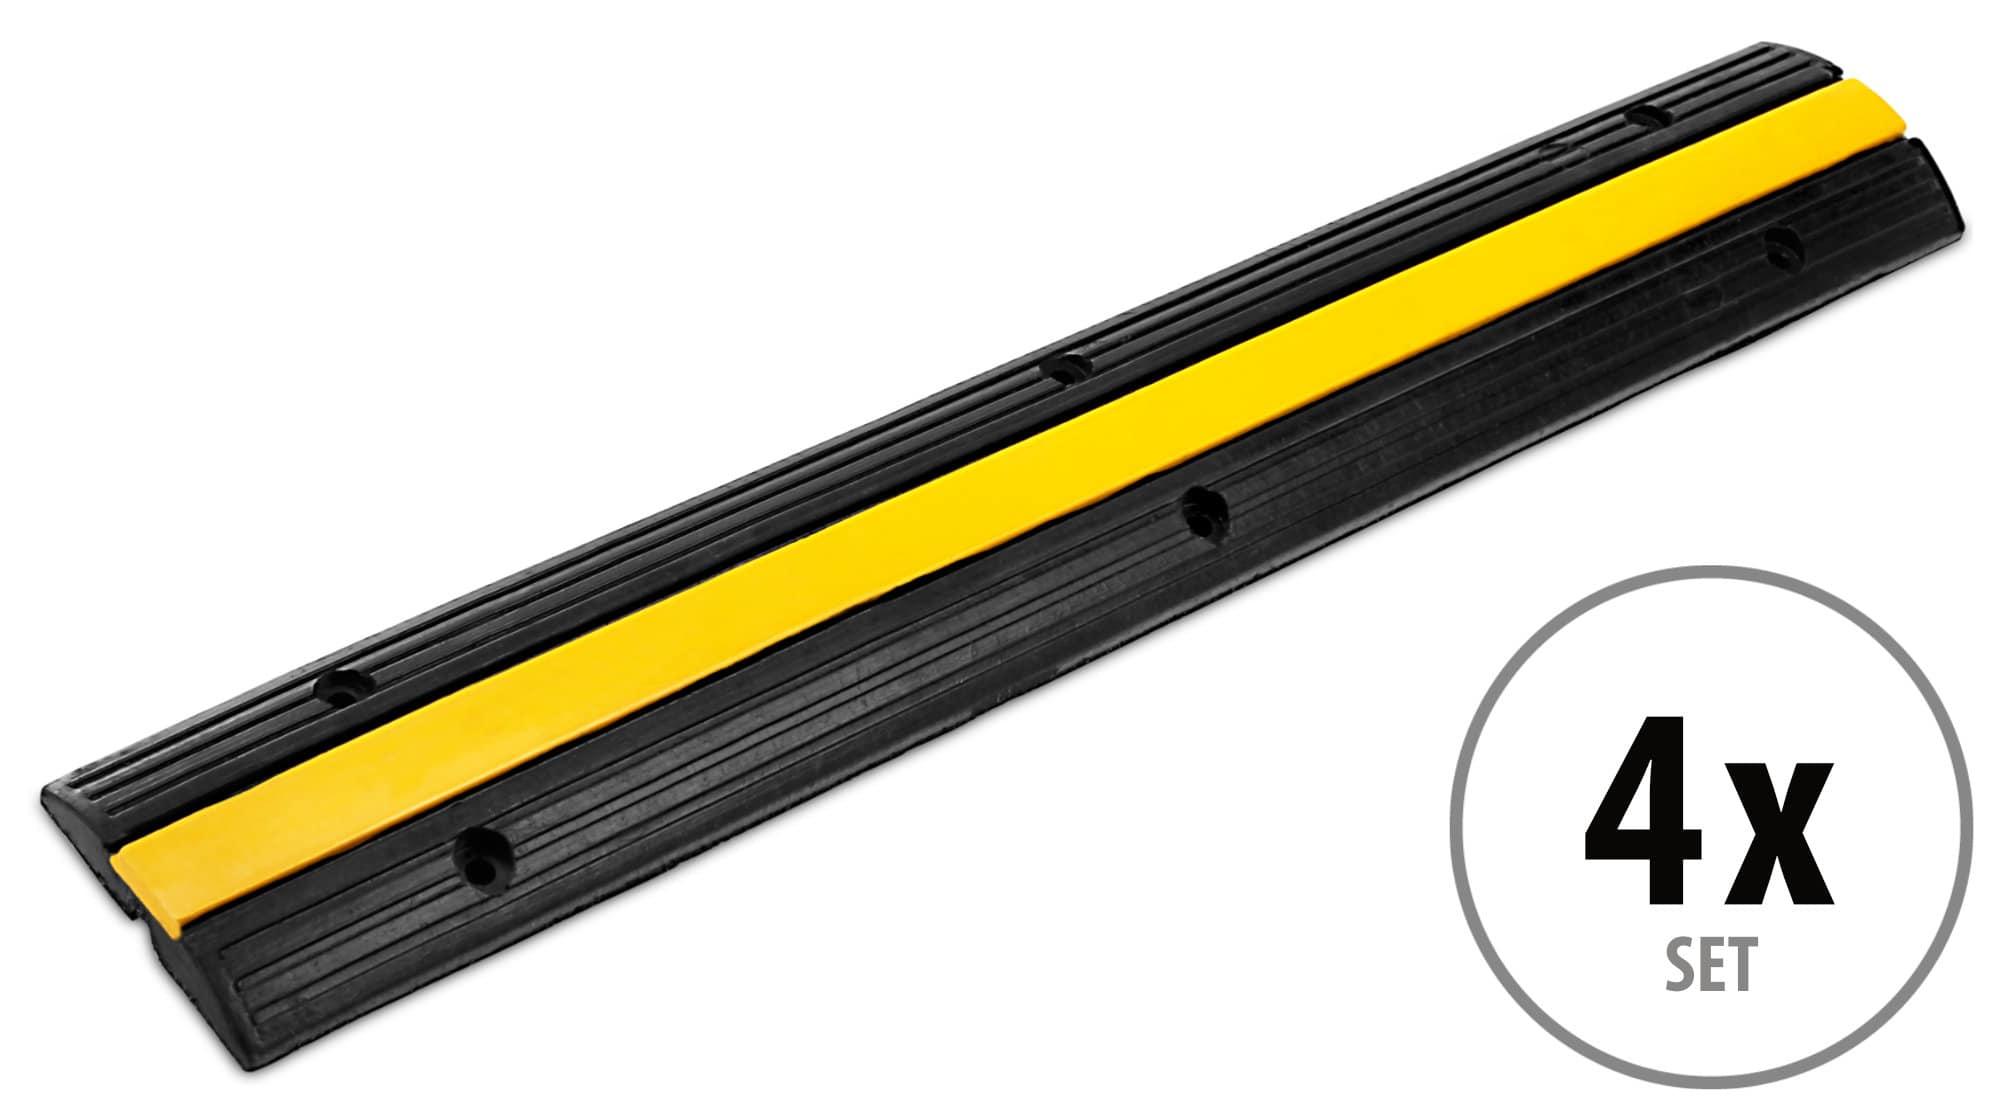 4x SET Pronomic Protector 1 100 Kabelbrücke 1 Kammer